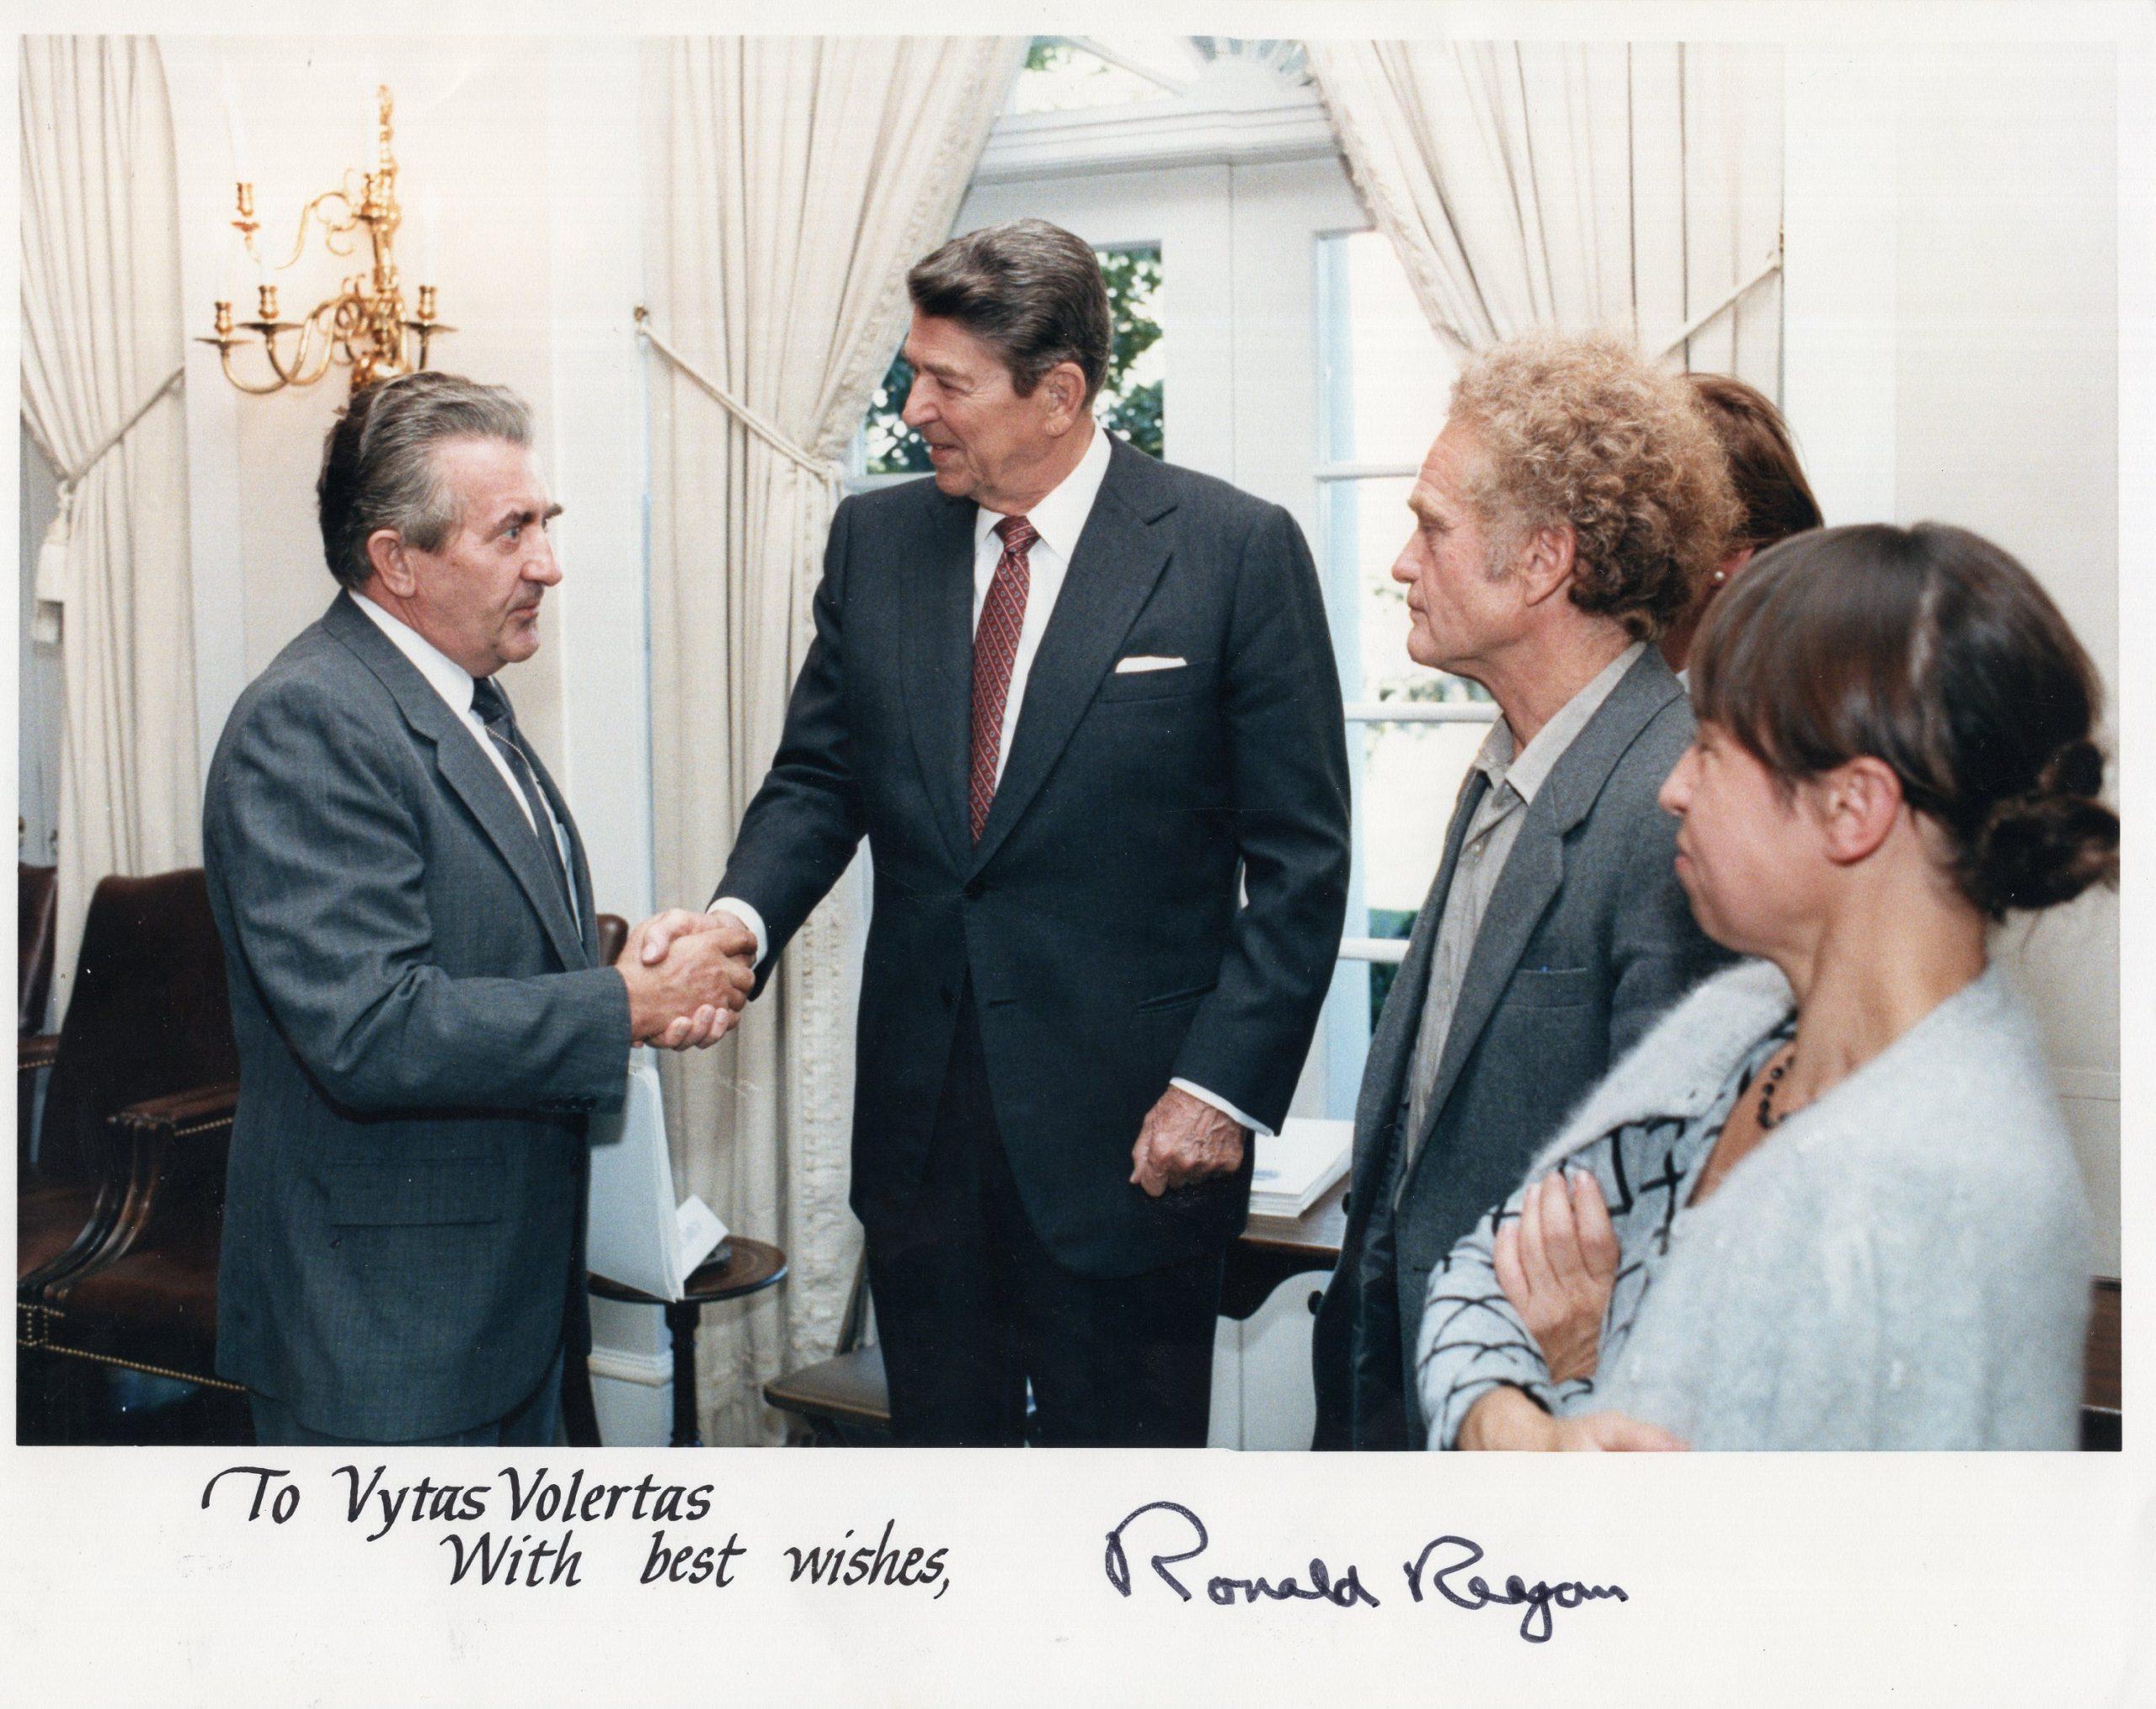 V. Volertas priėmime pas JAV prezidentą R. Reiganą Baltuosiuose rūmuose. Vašingtonas, apie 1989 m.